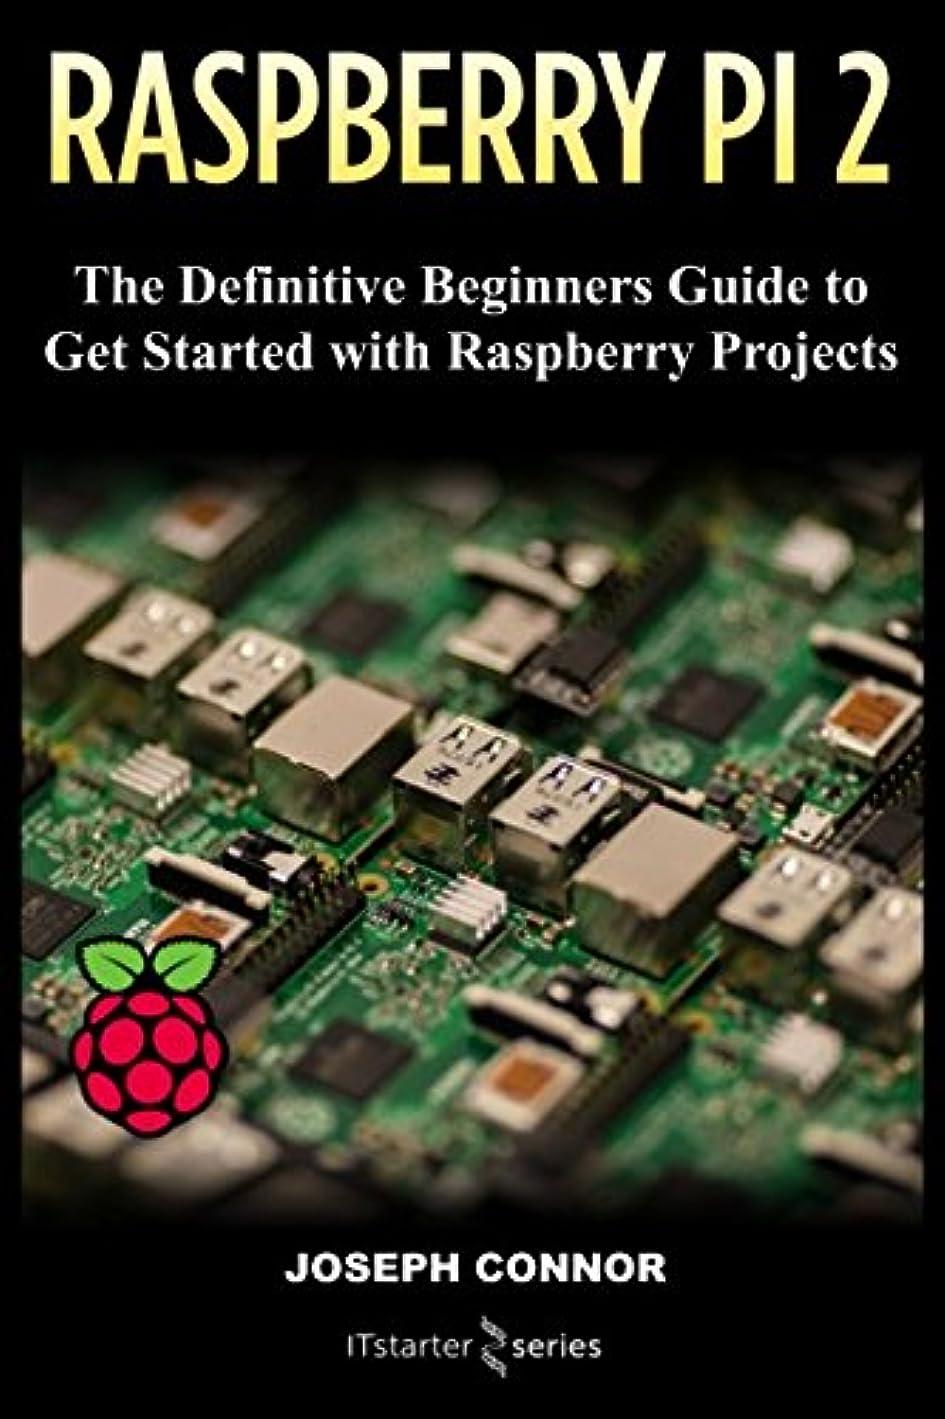 シャワーガードマークされたRaspberry Pi 2: The Definitive Beginner's Guide to Get Started with Raspberry Projects